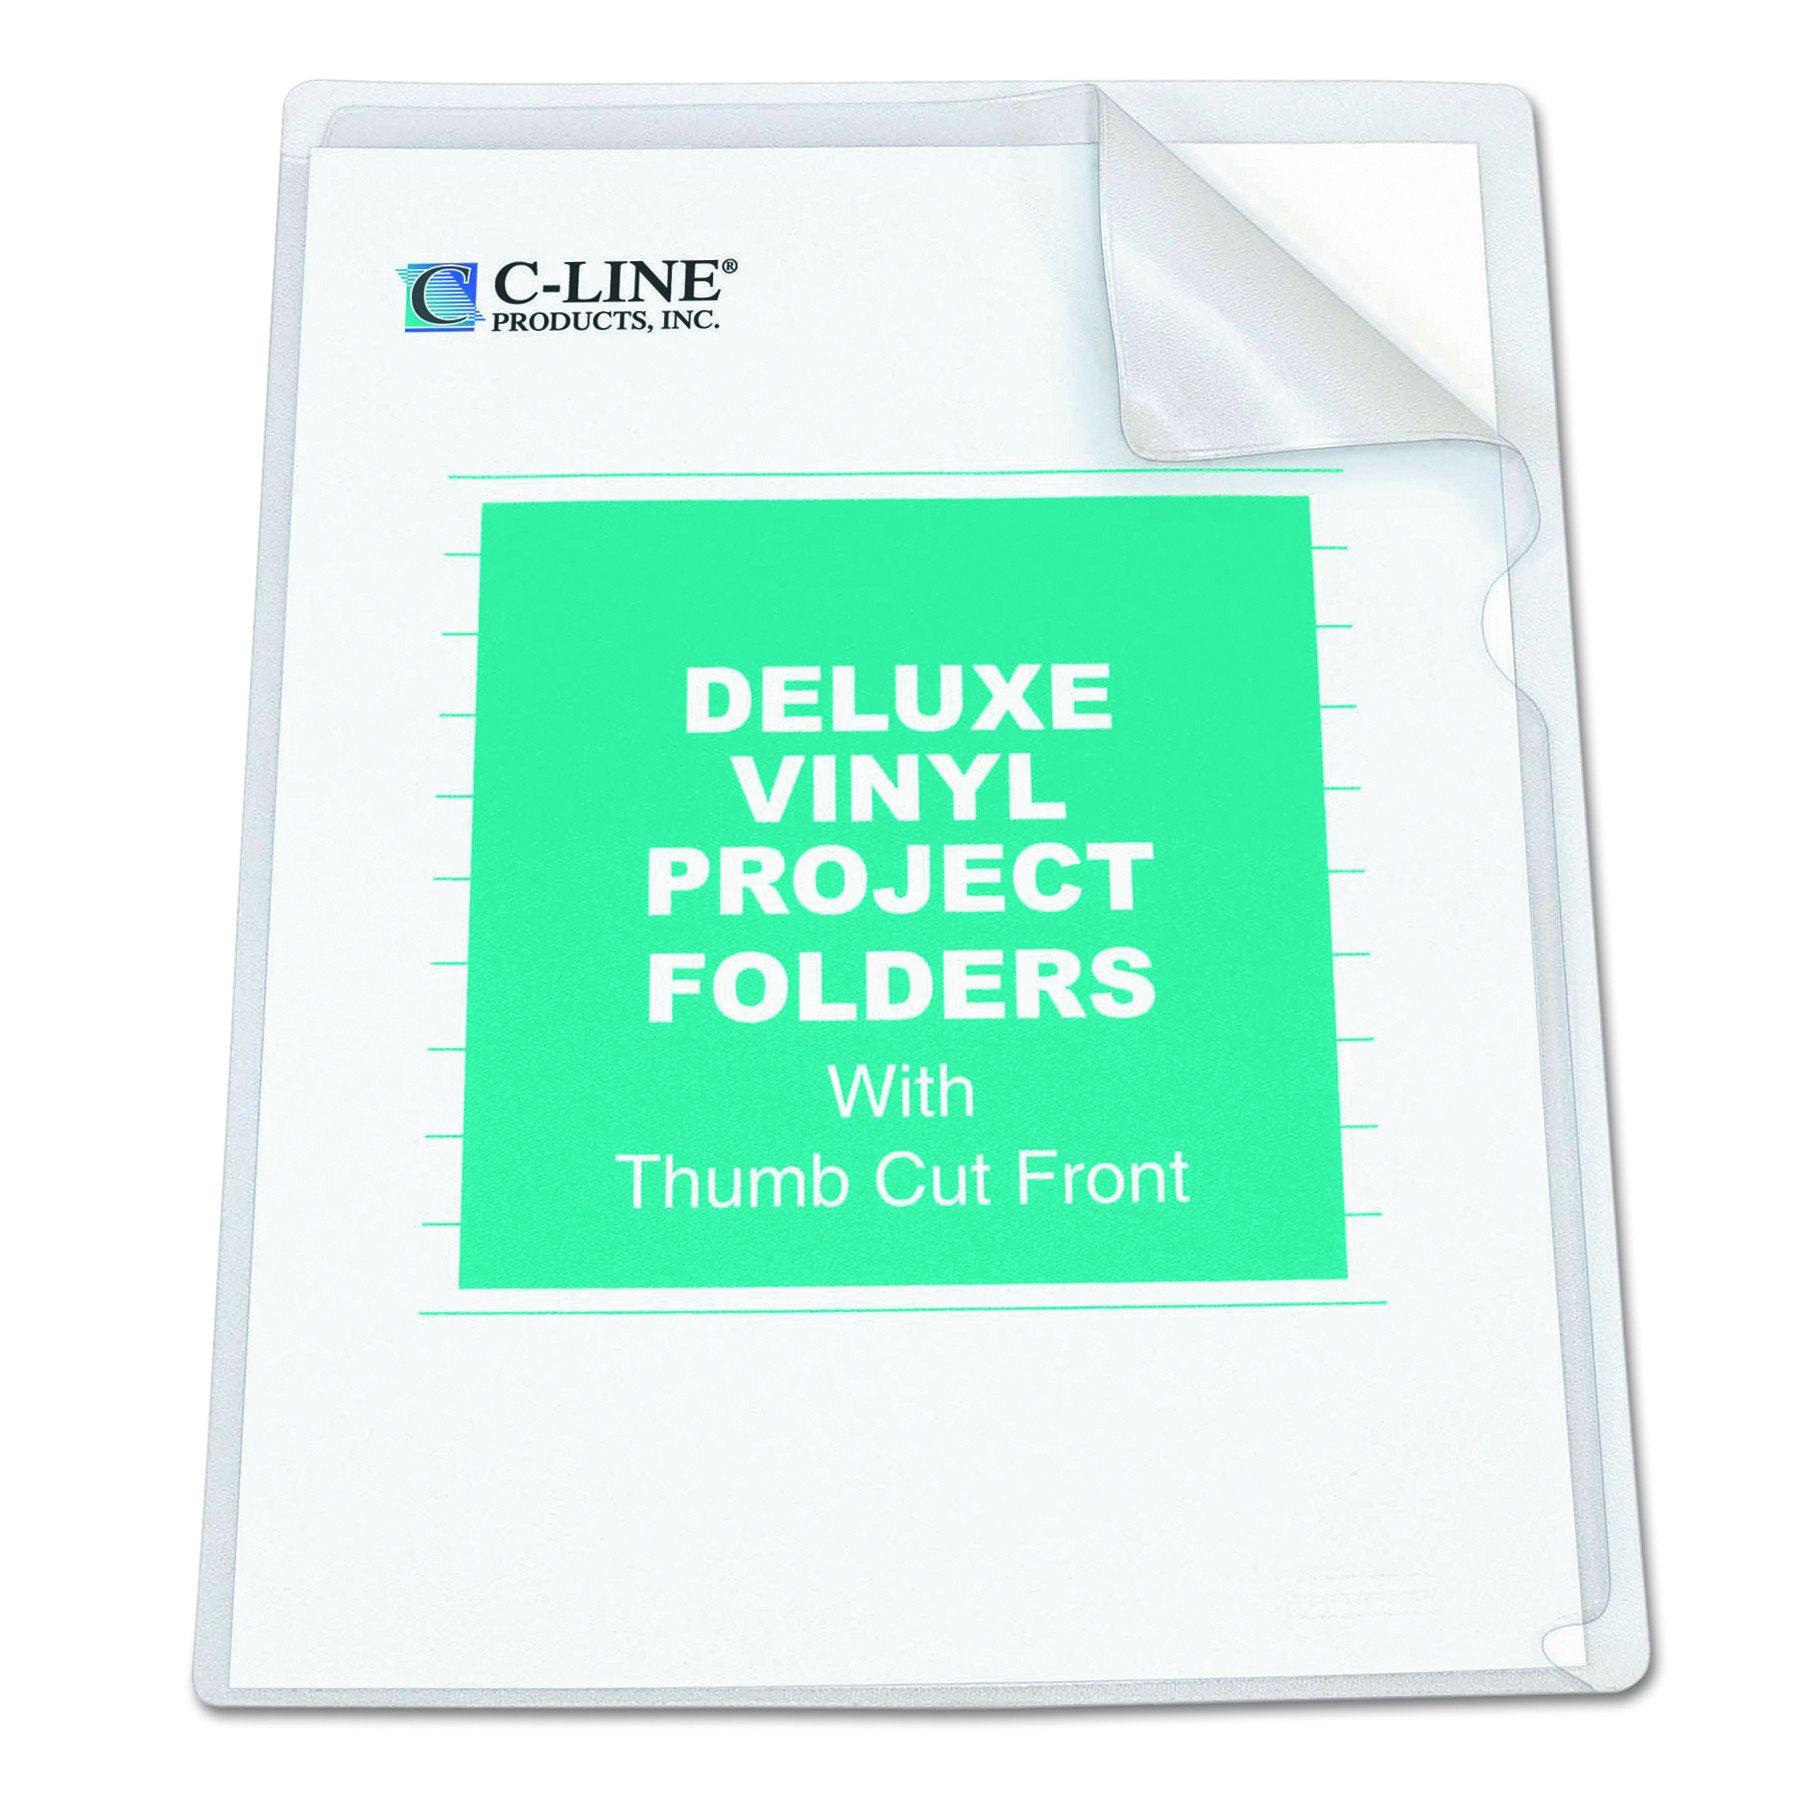 C-Line Deluxe Super Heavyweight Non-Glare Vinyl Project Folders, Letter Size, Clear, 50 per Box (62138)